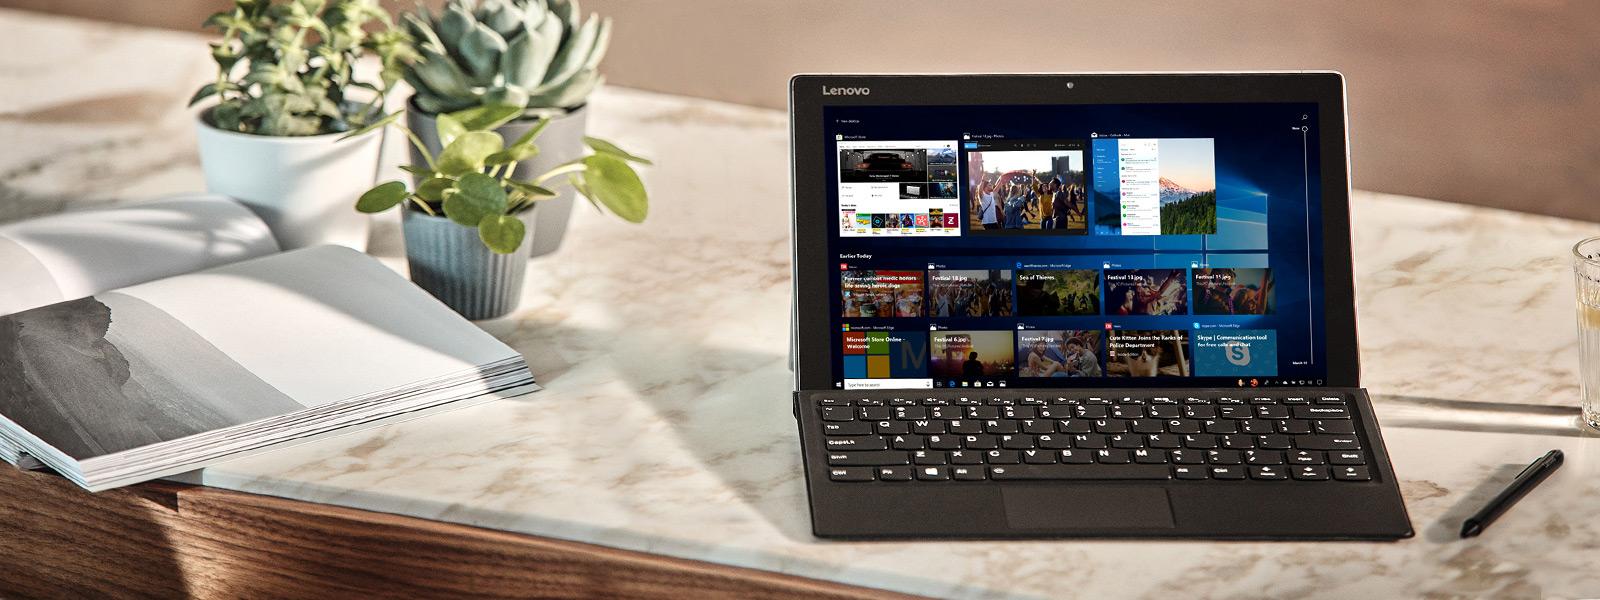 Arvutiekraanil kuvatav Windows 10 värskenduse (aprill 2018) funktsioon.